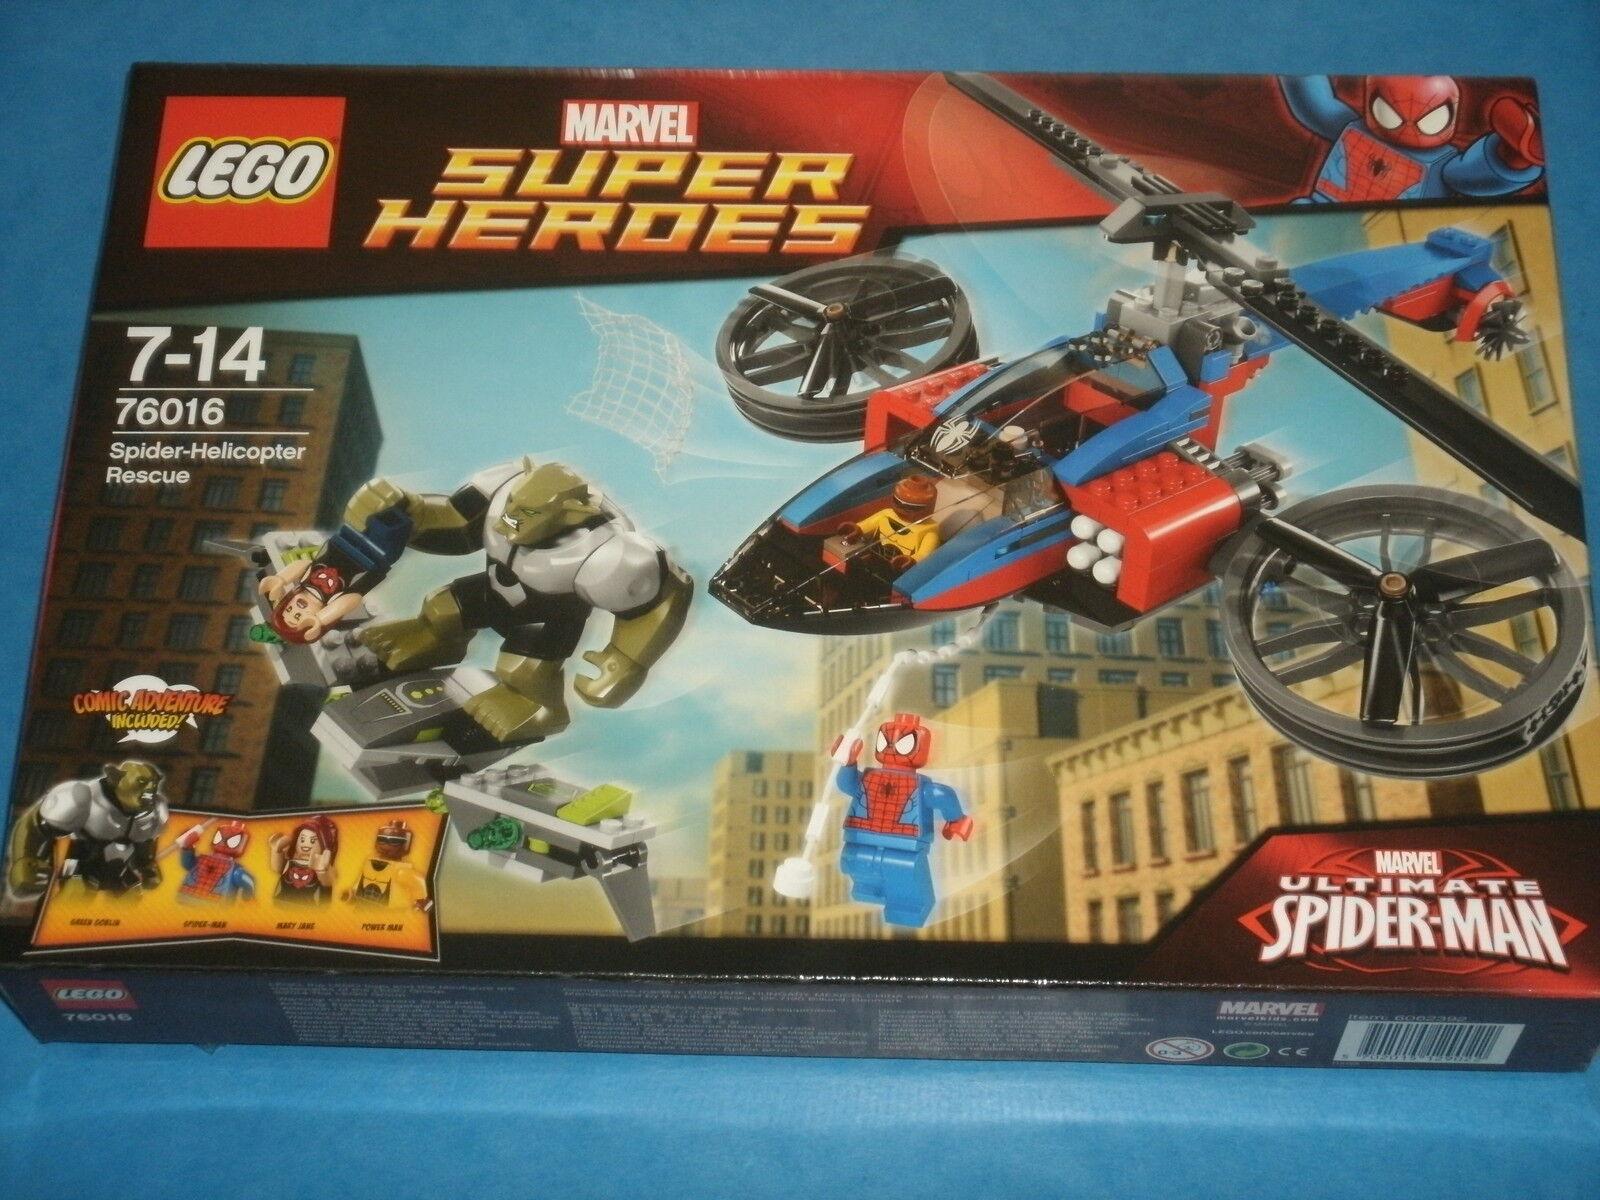 Lego  76016 76016 76016 Spider-helicoptor Rescue (Marvel Ultimate Spider-Man) vert Goblin un 130459